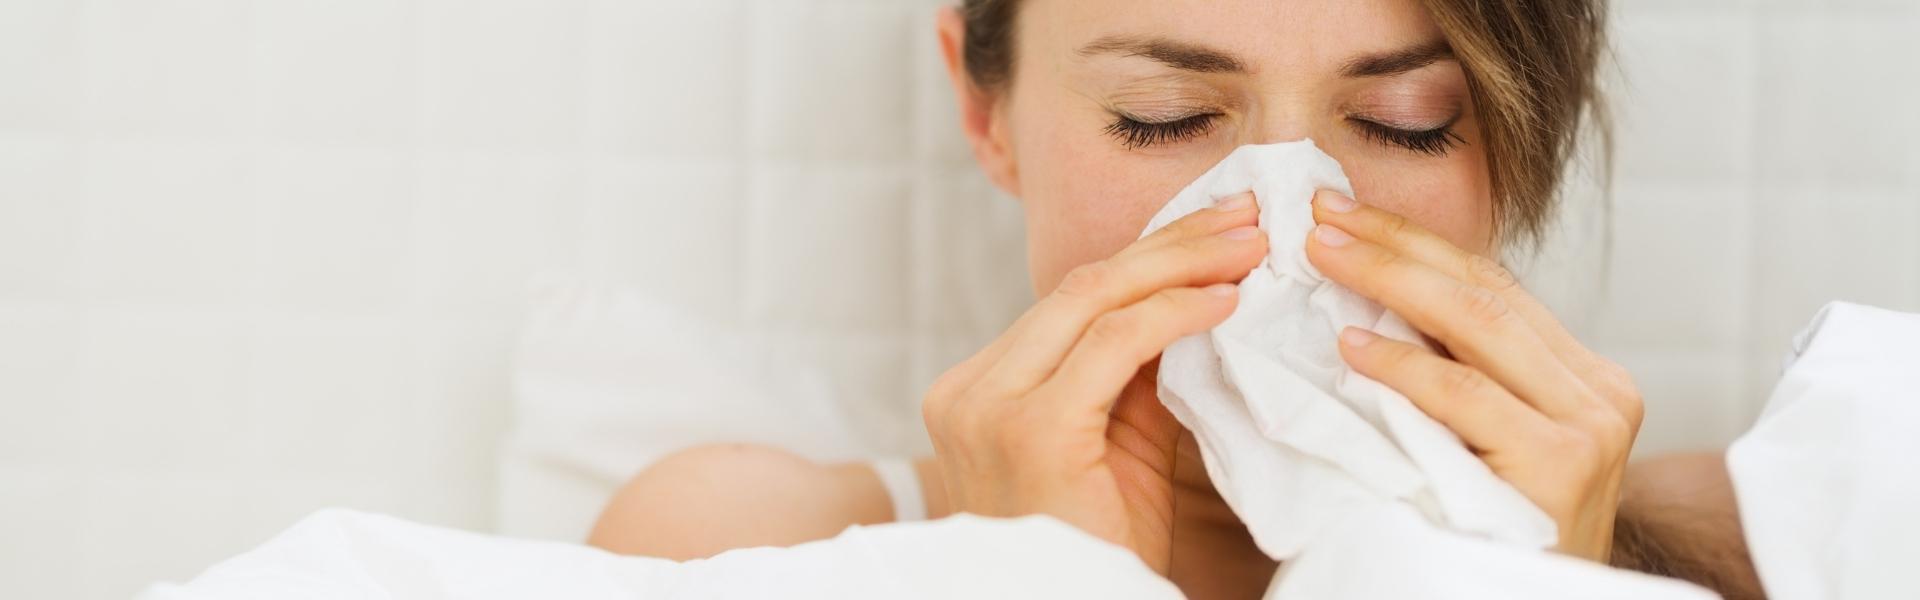 Quick Flu/RSV-testi raportoi tulokset 15 minuutissa